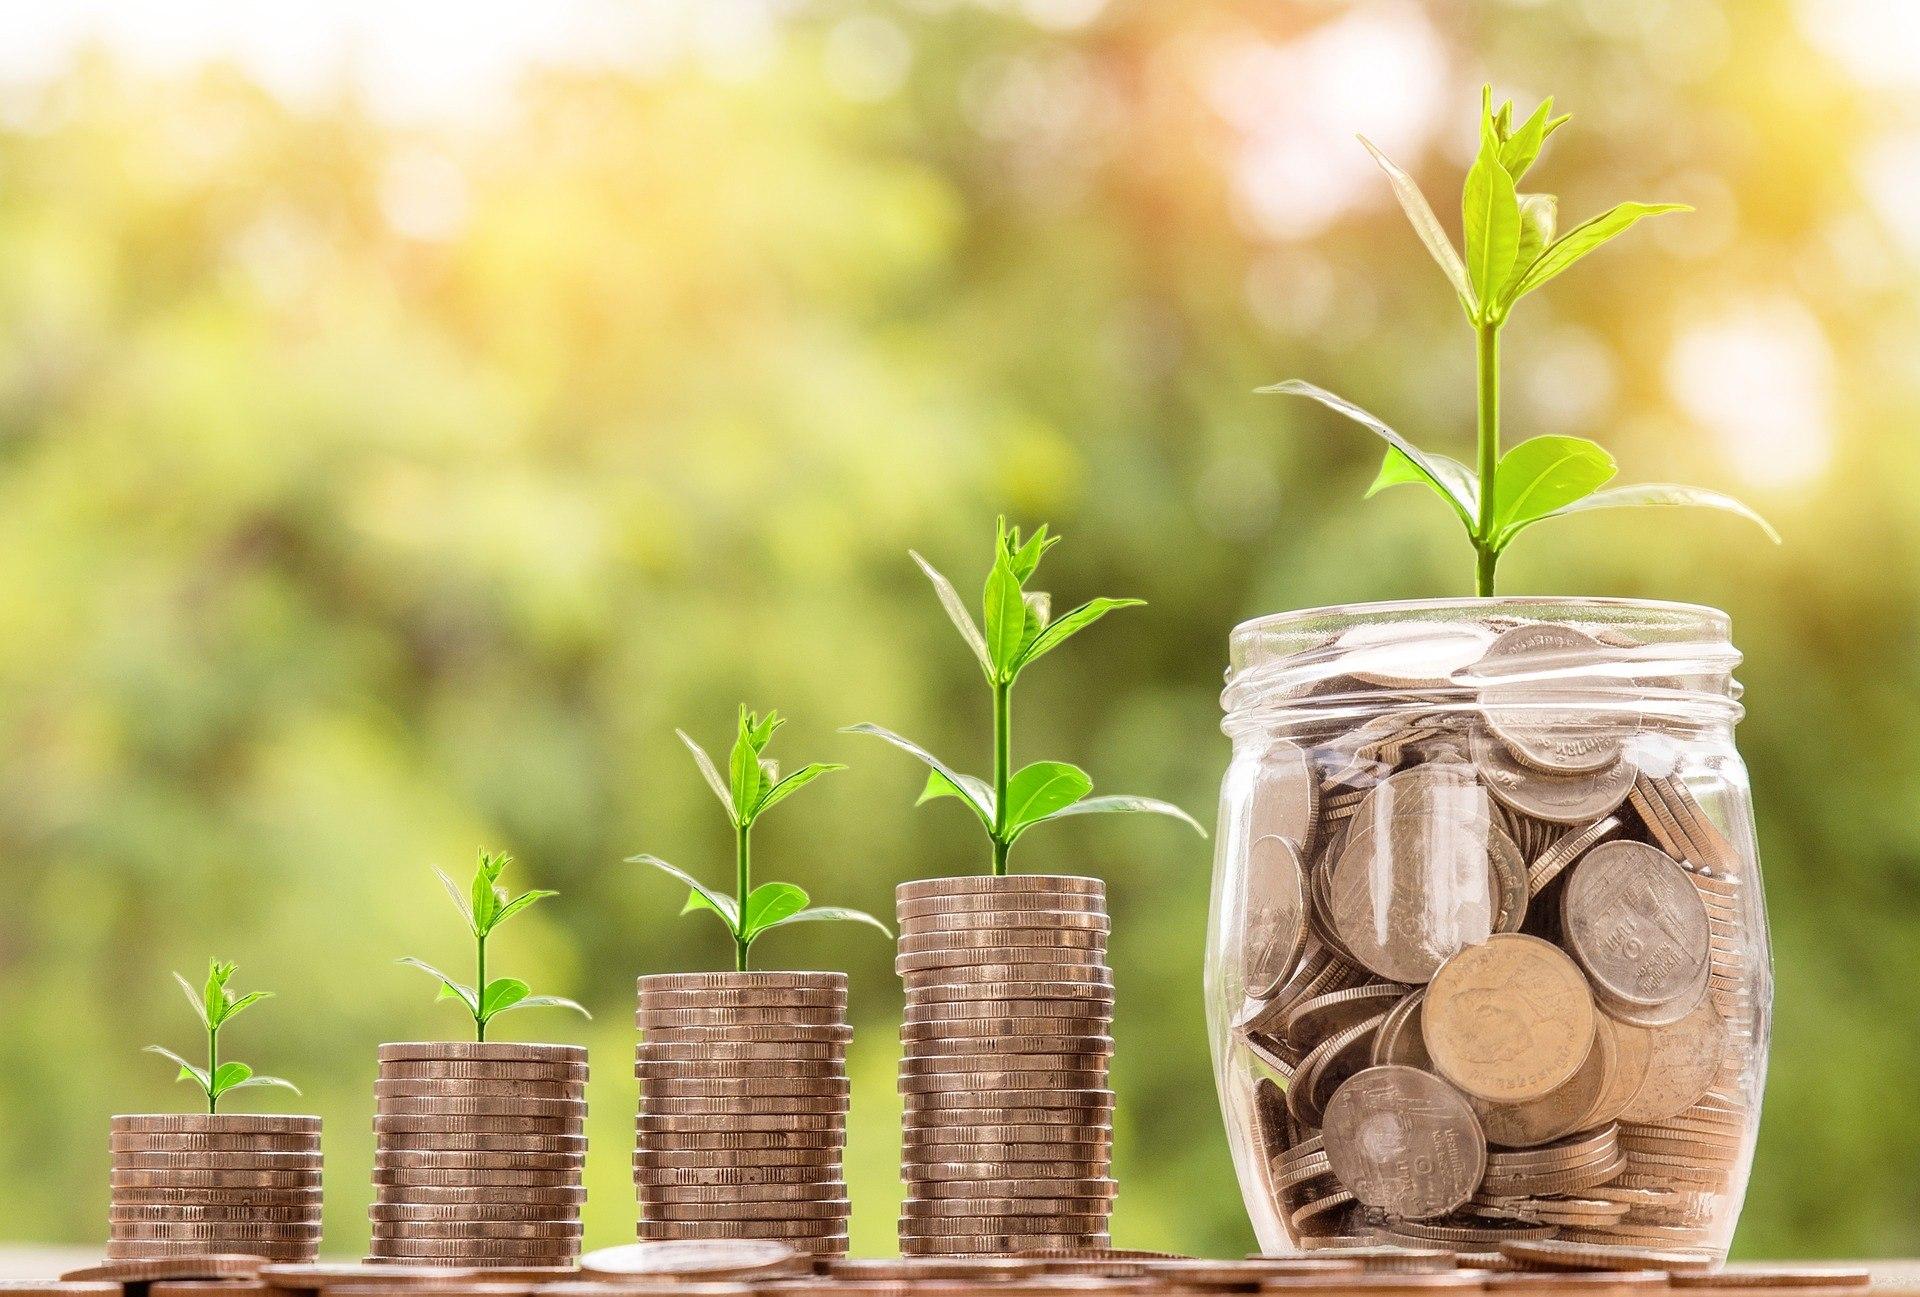 Vermögenswirksame Leistungen - nicht verschenken